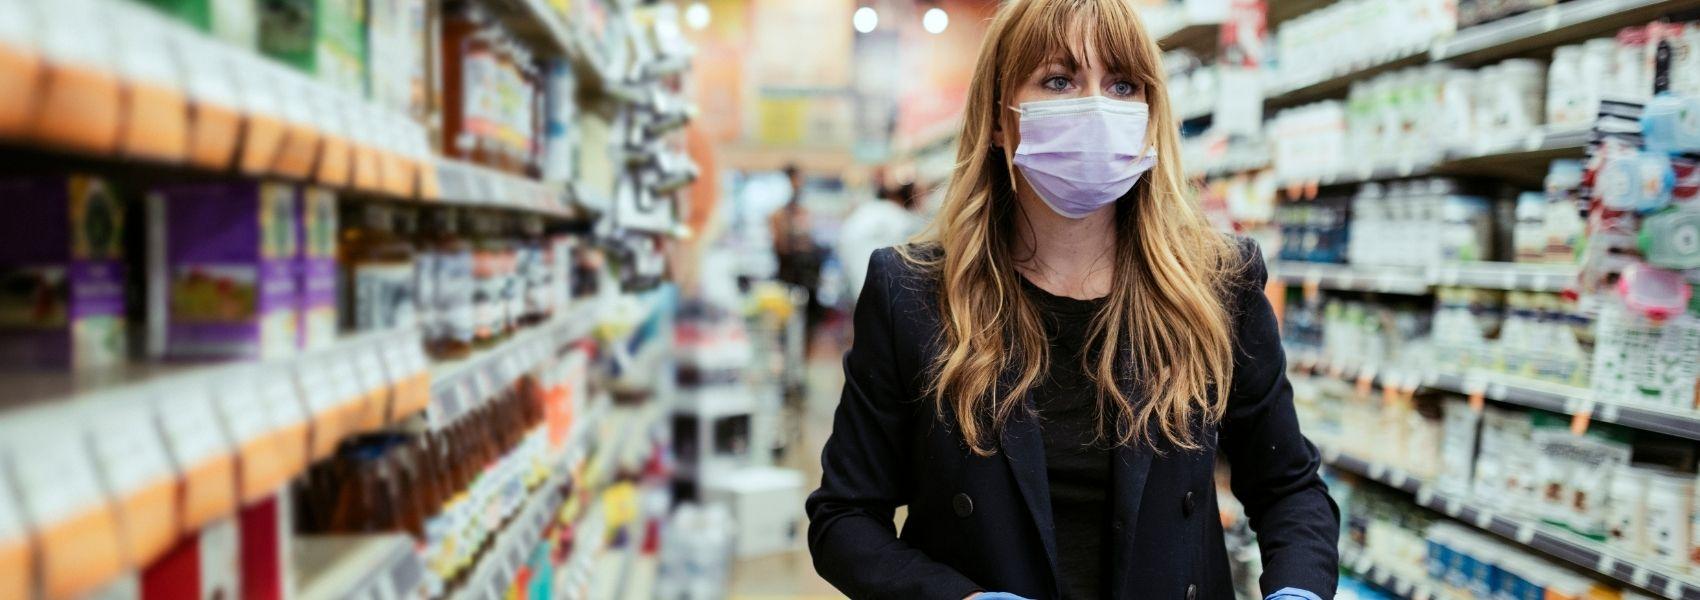 Cientistas criam máscaras faciais que podem diagnosticar a COVID-19